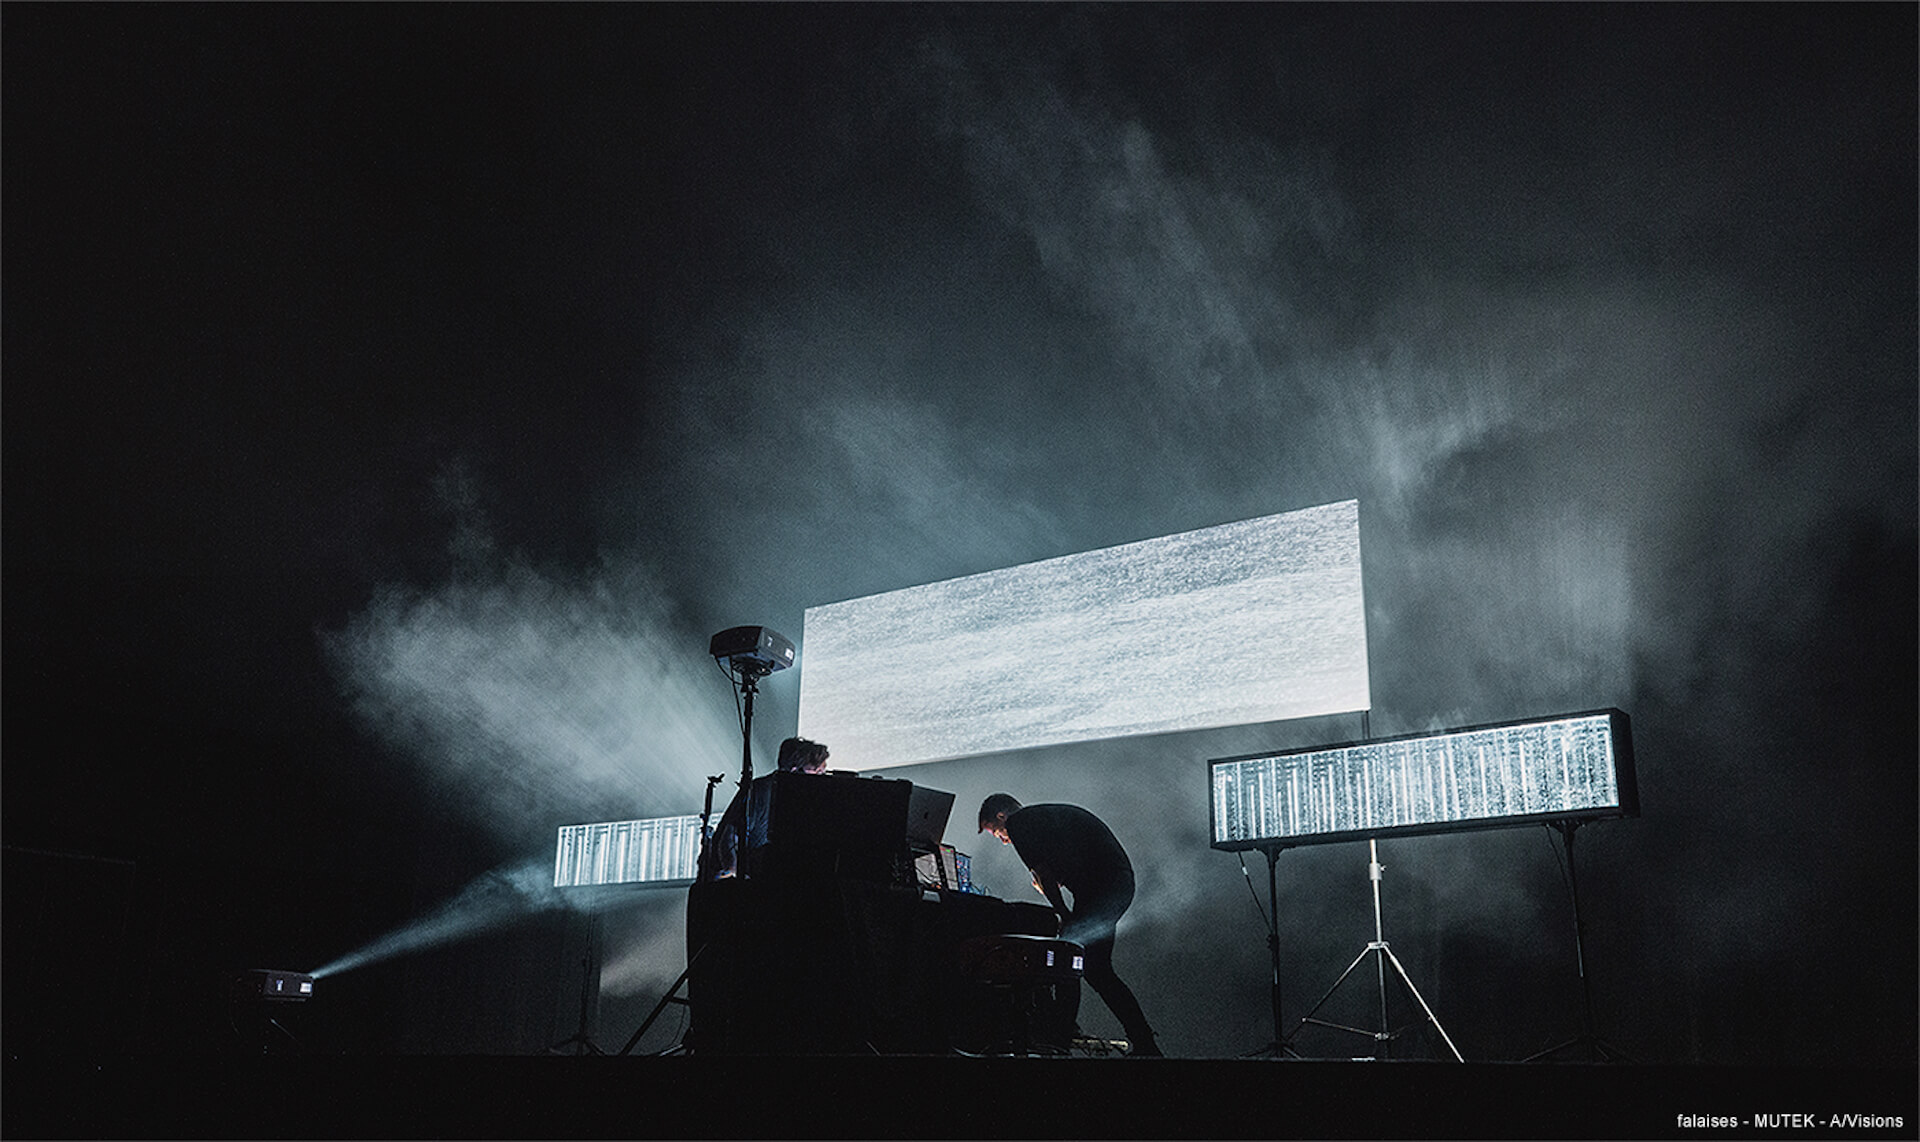 電子音楽&デジタルアートの祭典が渋谷に!<MUTEK.JP>最終フルラインナップ&タイムテーブル発表 art191205_mutek_7